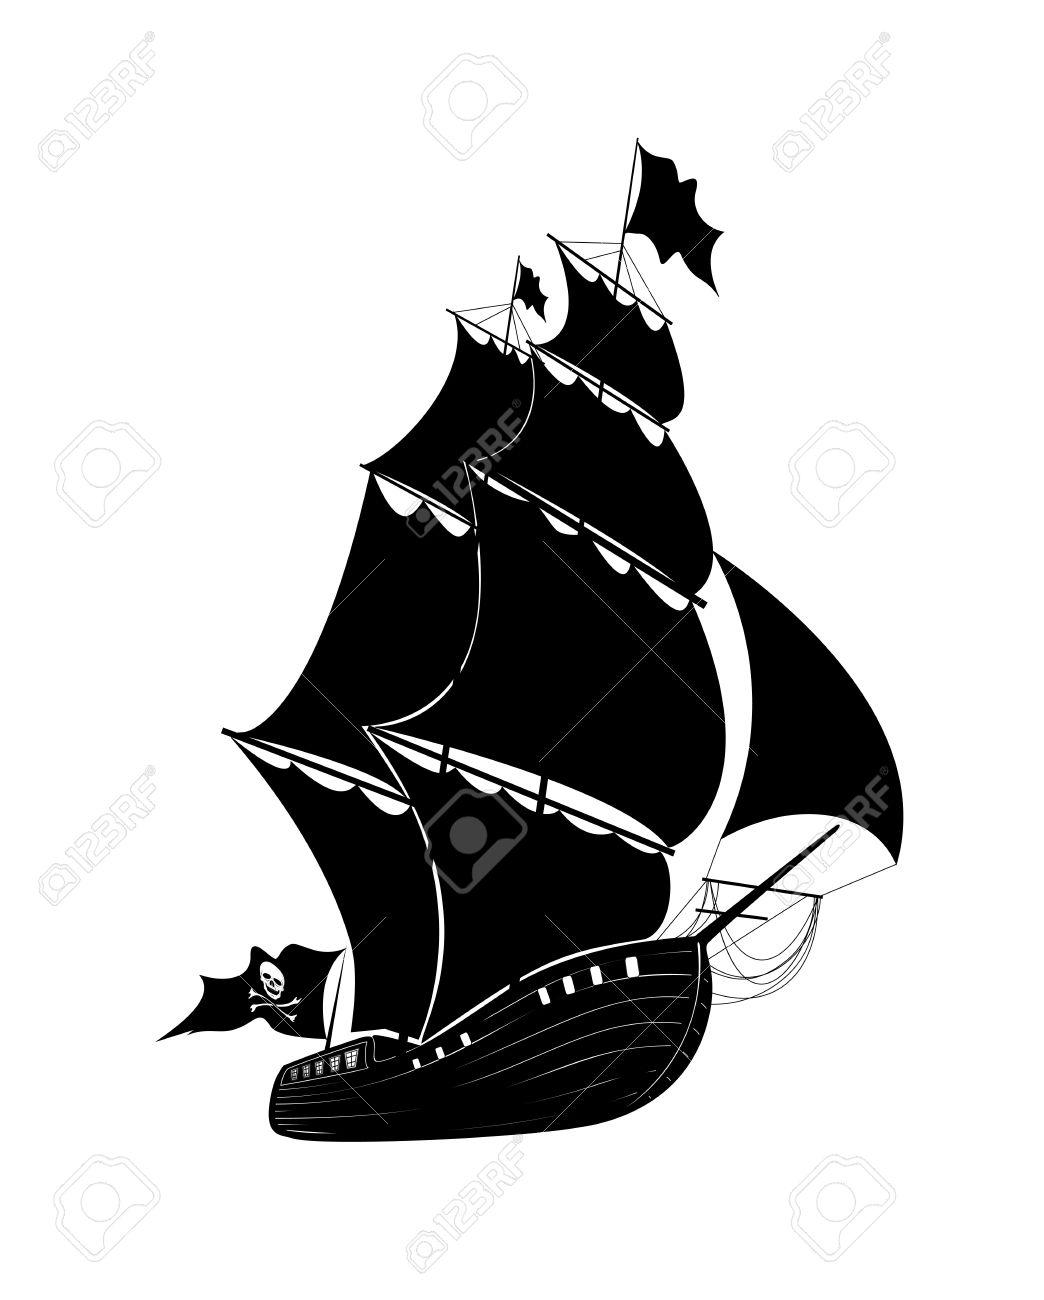 the drawing pirate sailing ship royalty free cliparts vectors